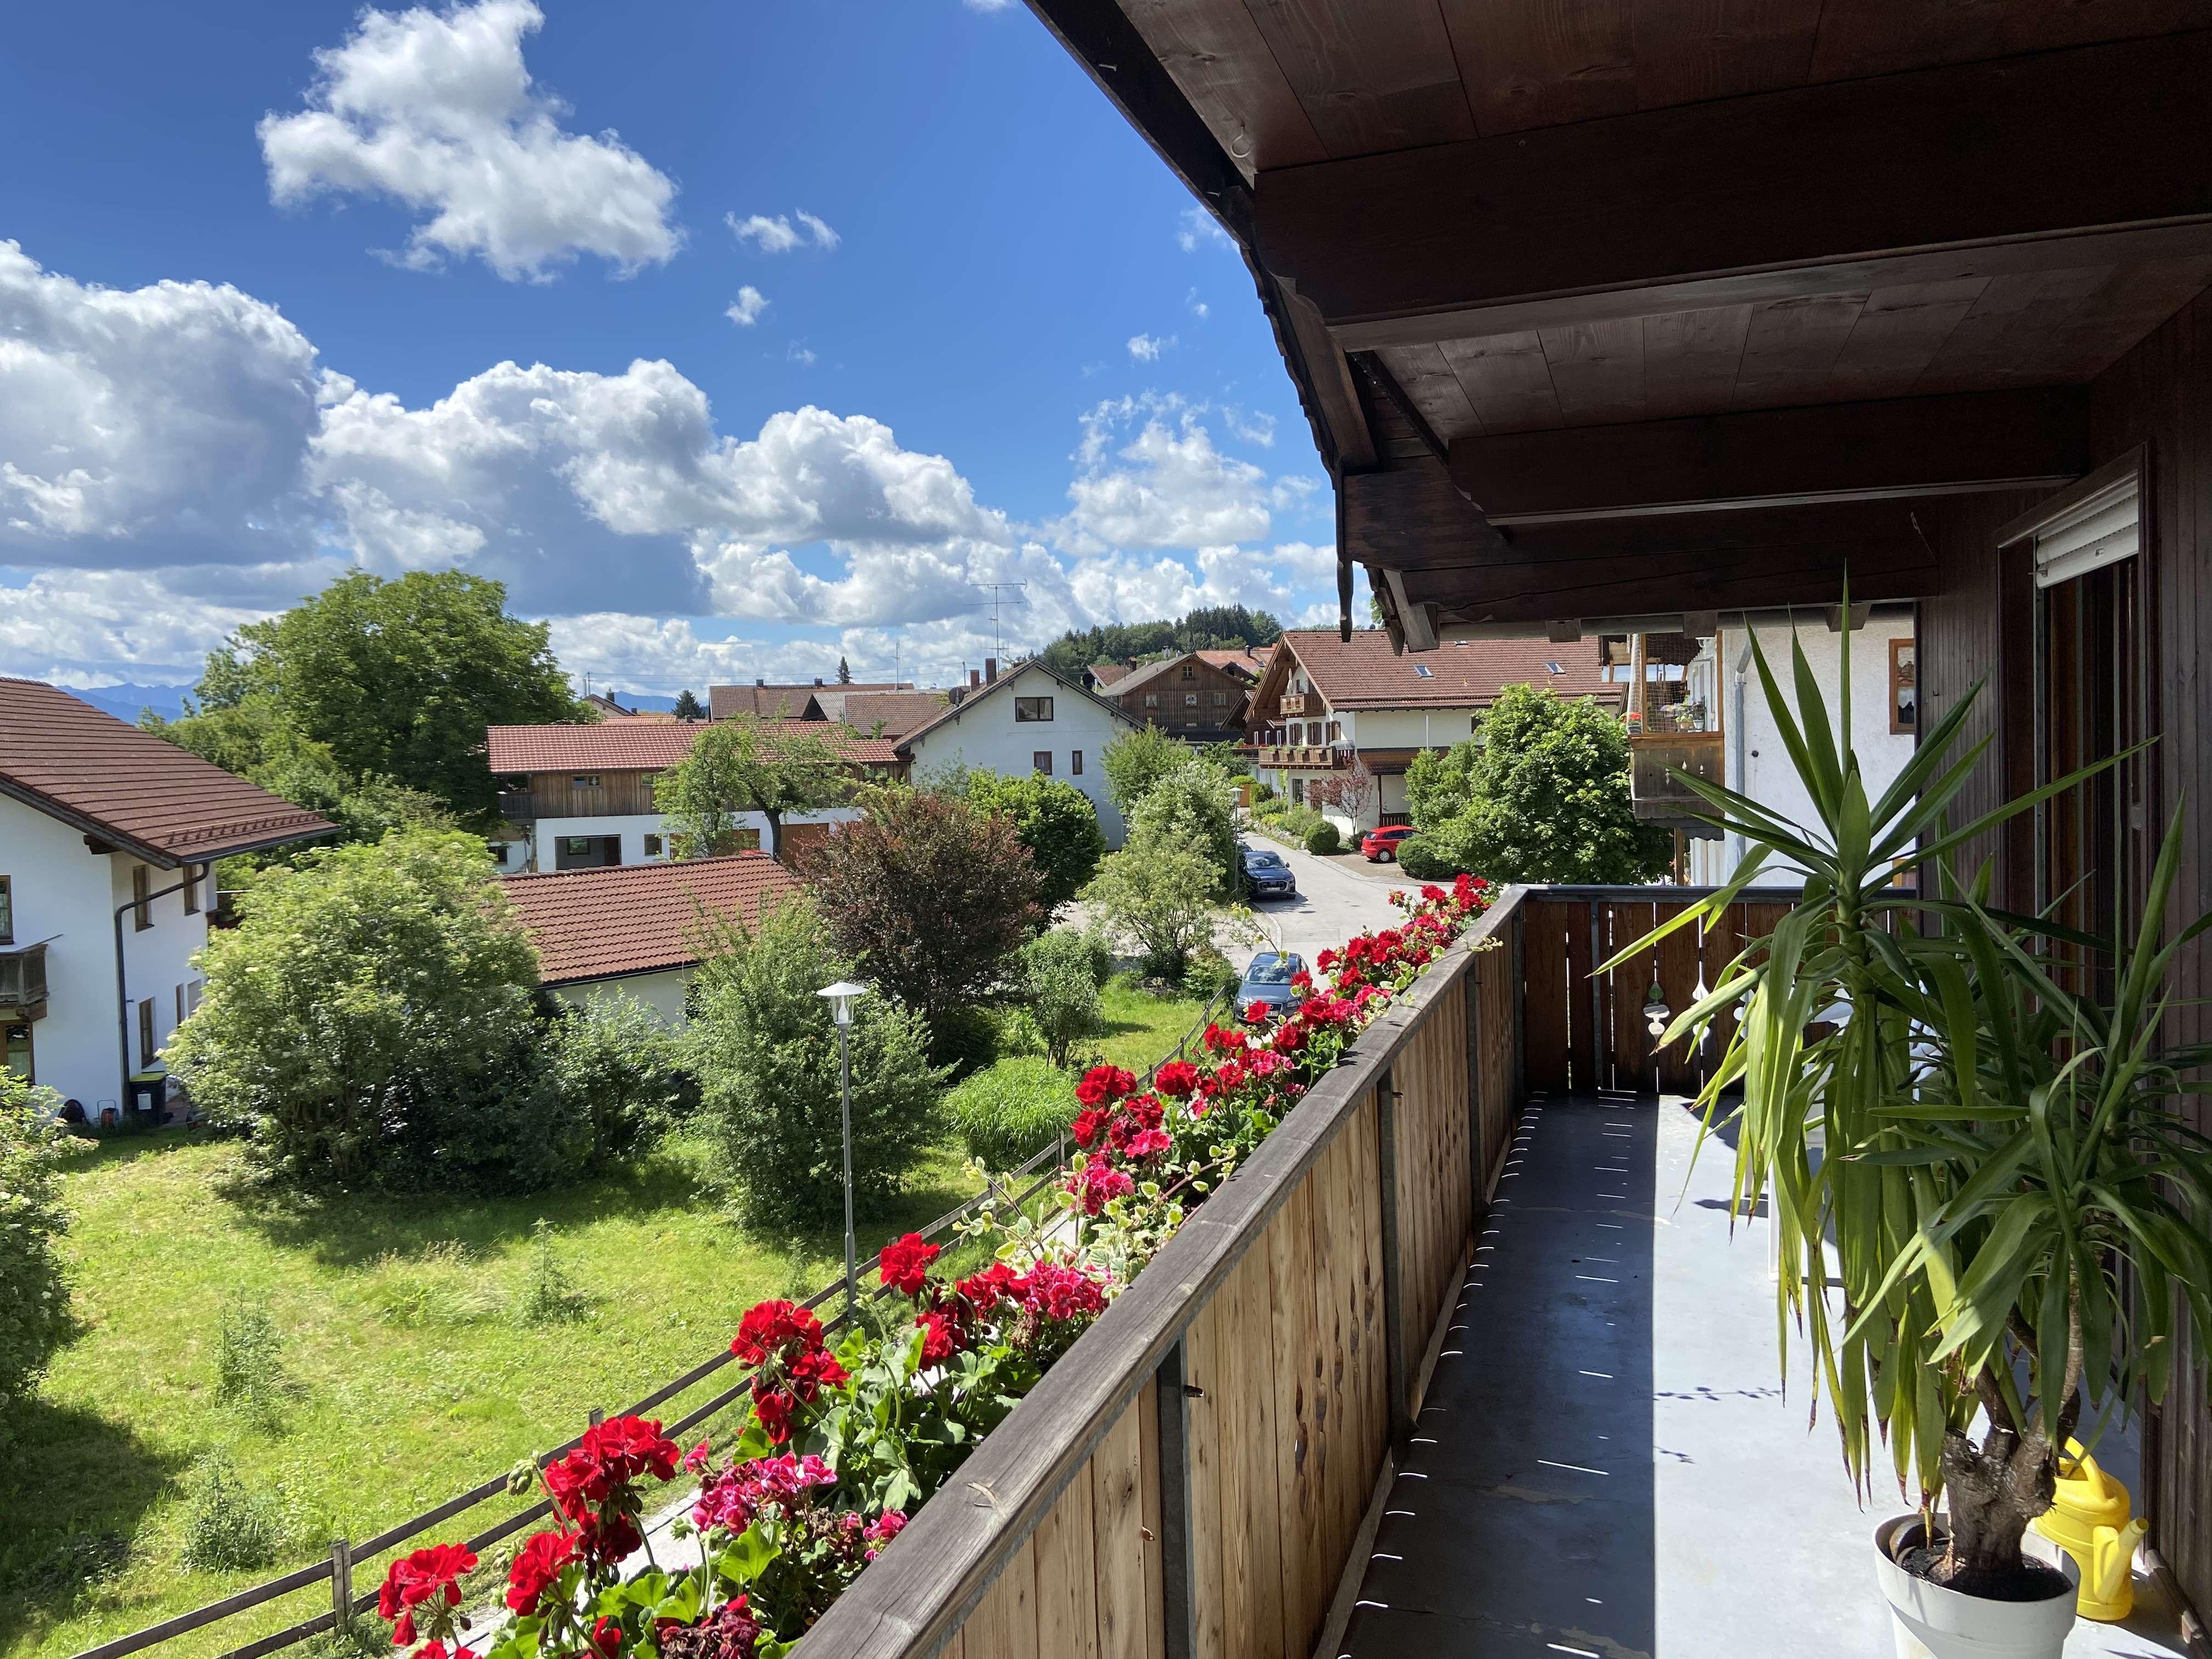 Stilvolle, gepflegte 3-Zimmer-Wohnung mit großem Balkon in Eurasburg in